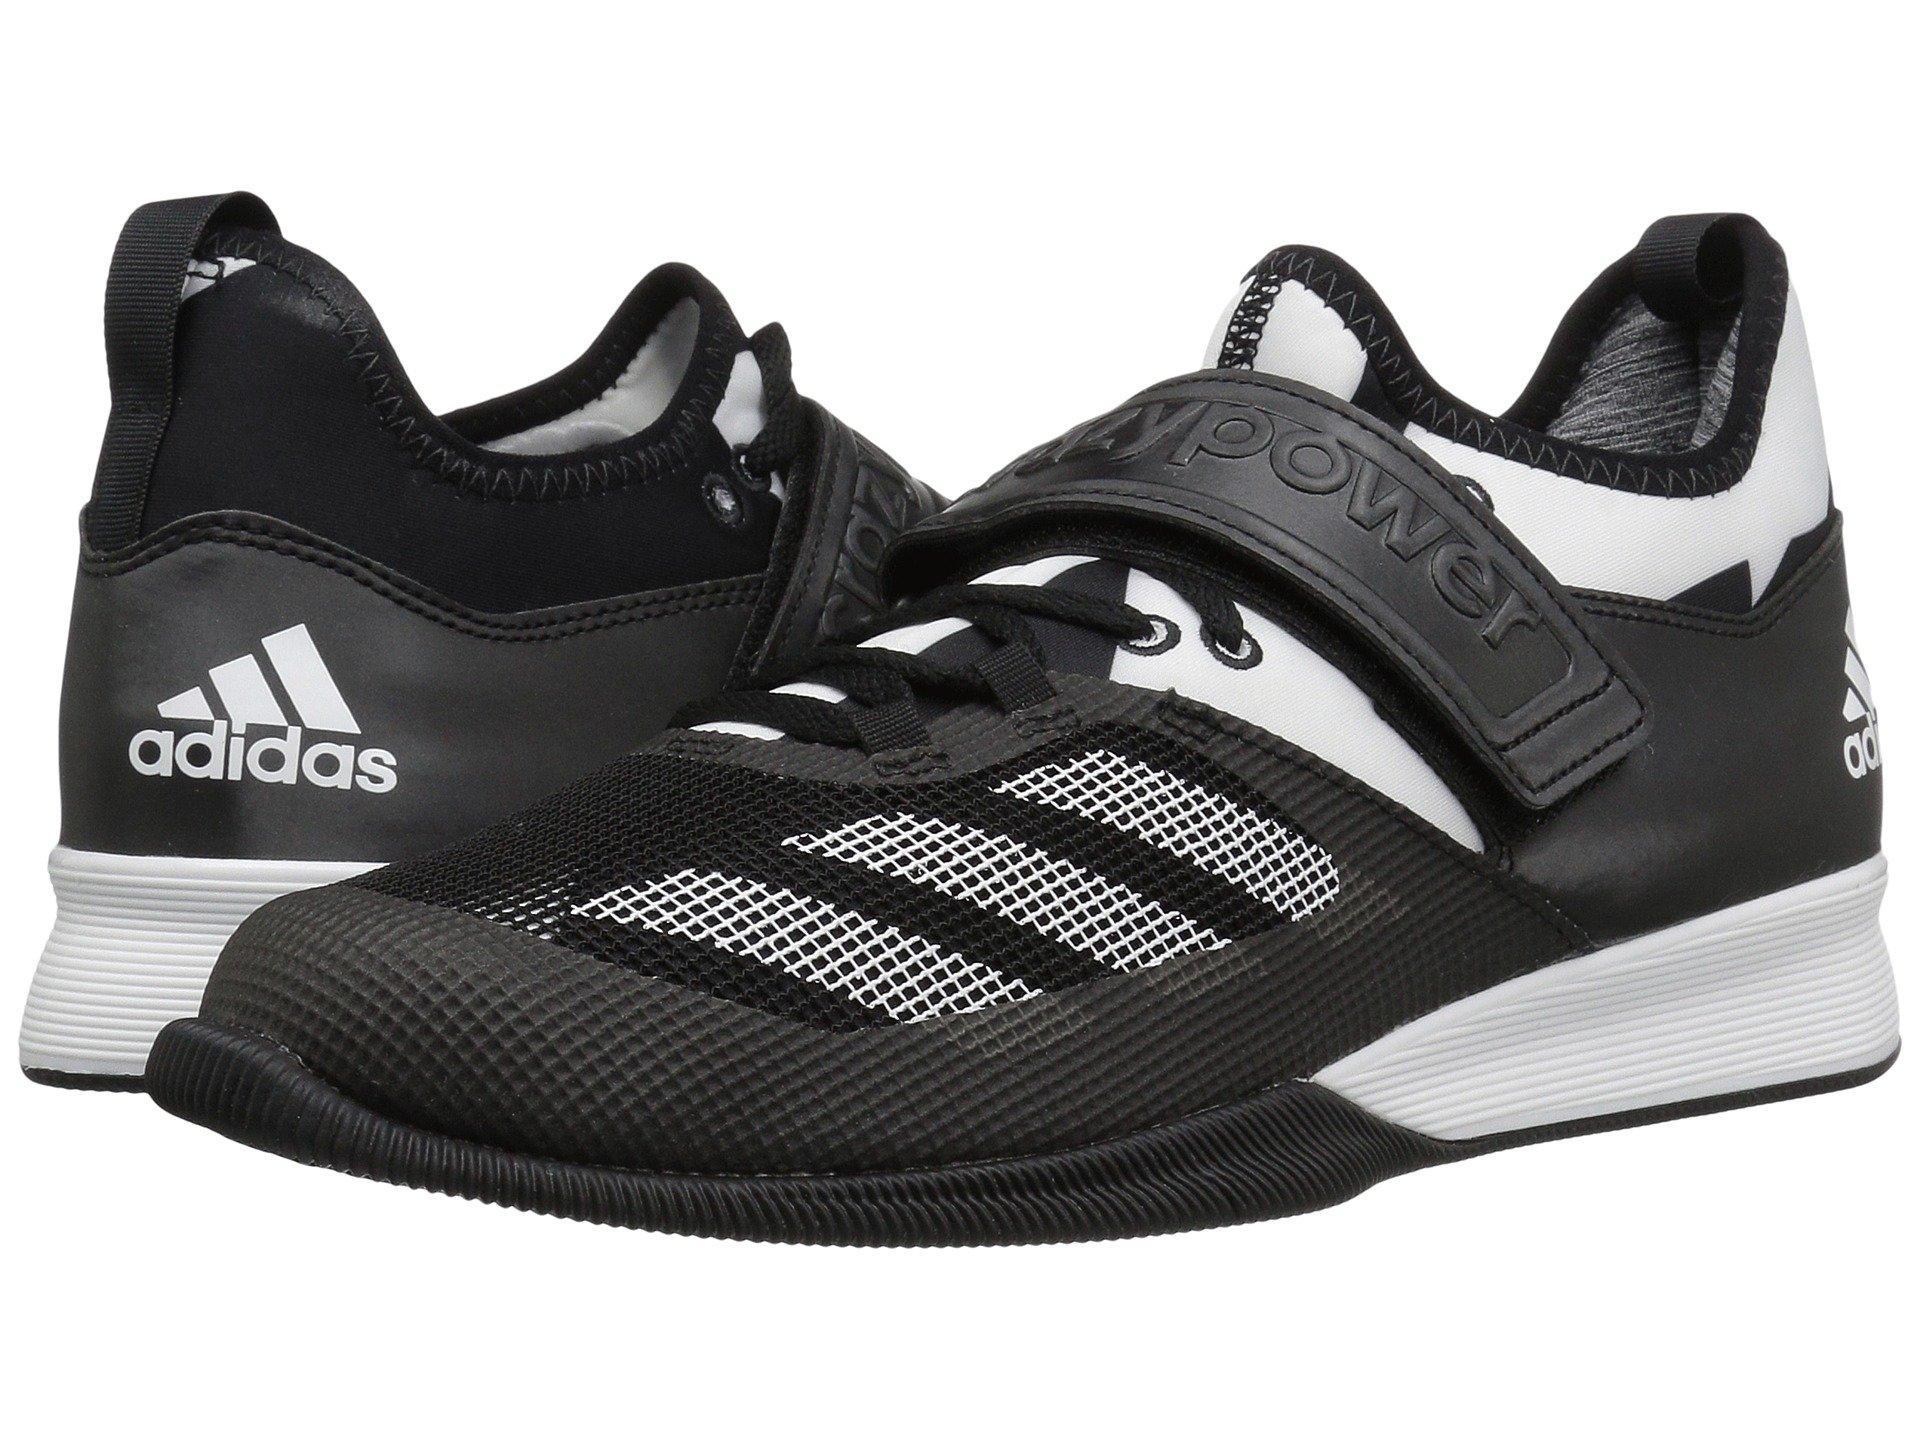 adidas Crazy Power SKU:8857679